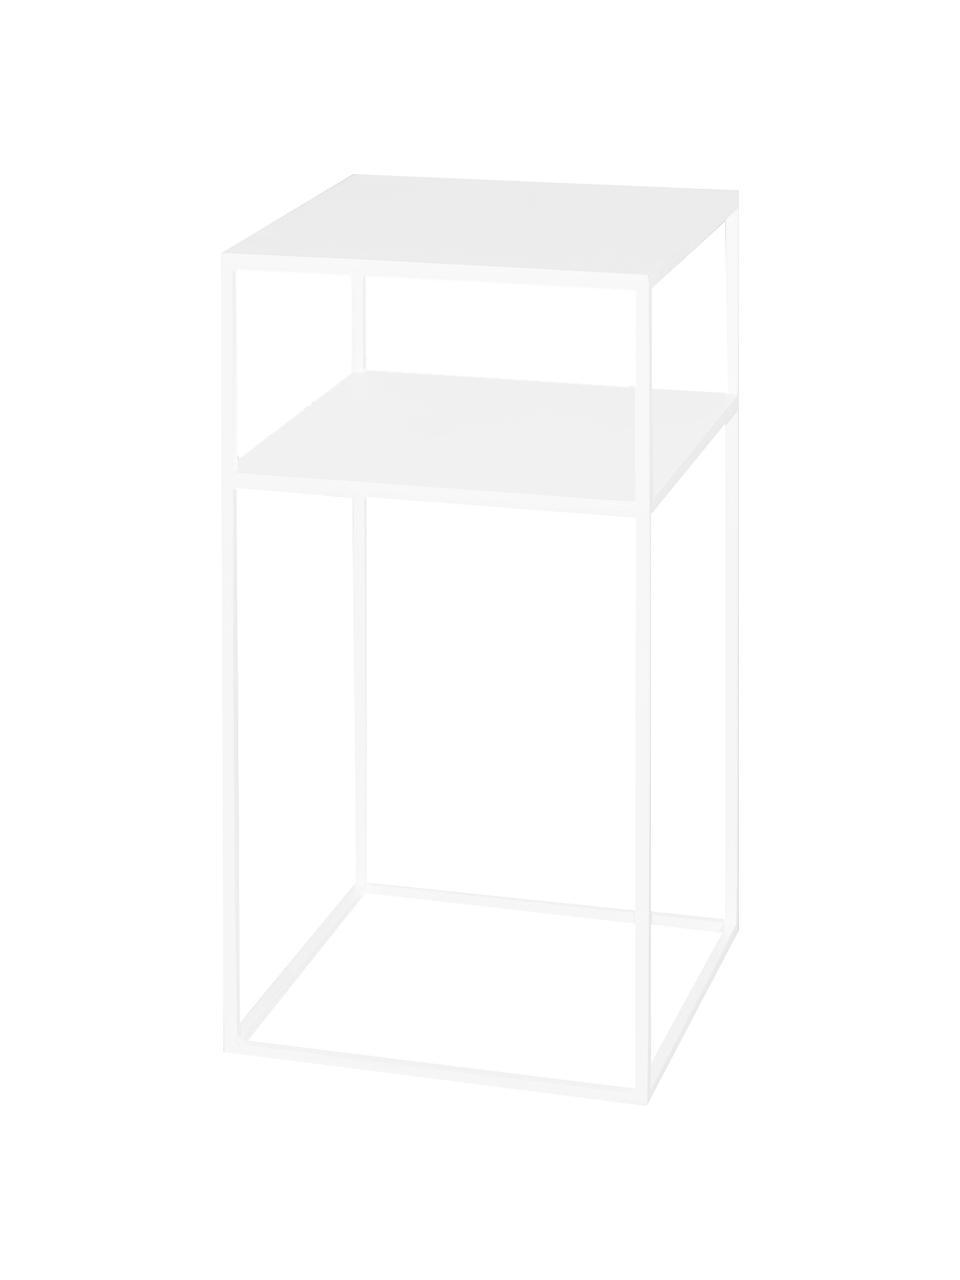 Tavolino  in metallo con piano d'appoggio Tensio, Metallo verniciato a polvere, Bianco, Larg. 30 x Prof. 30 cm